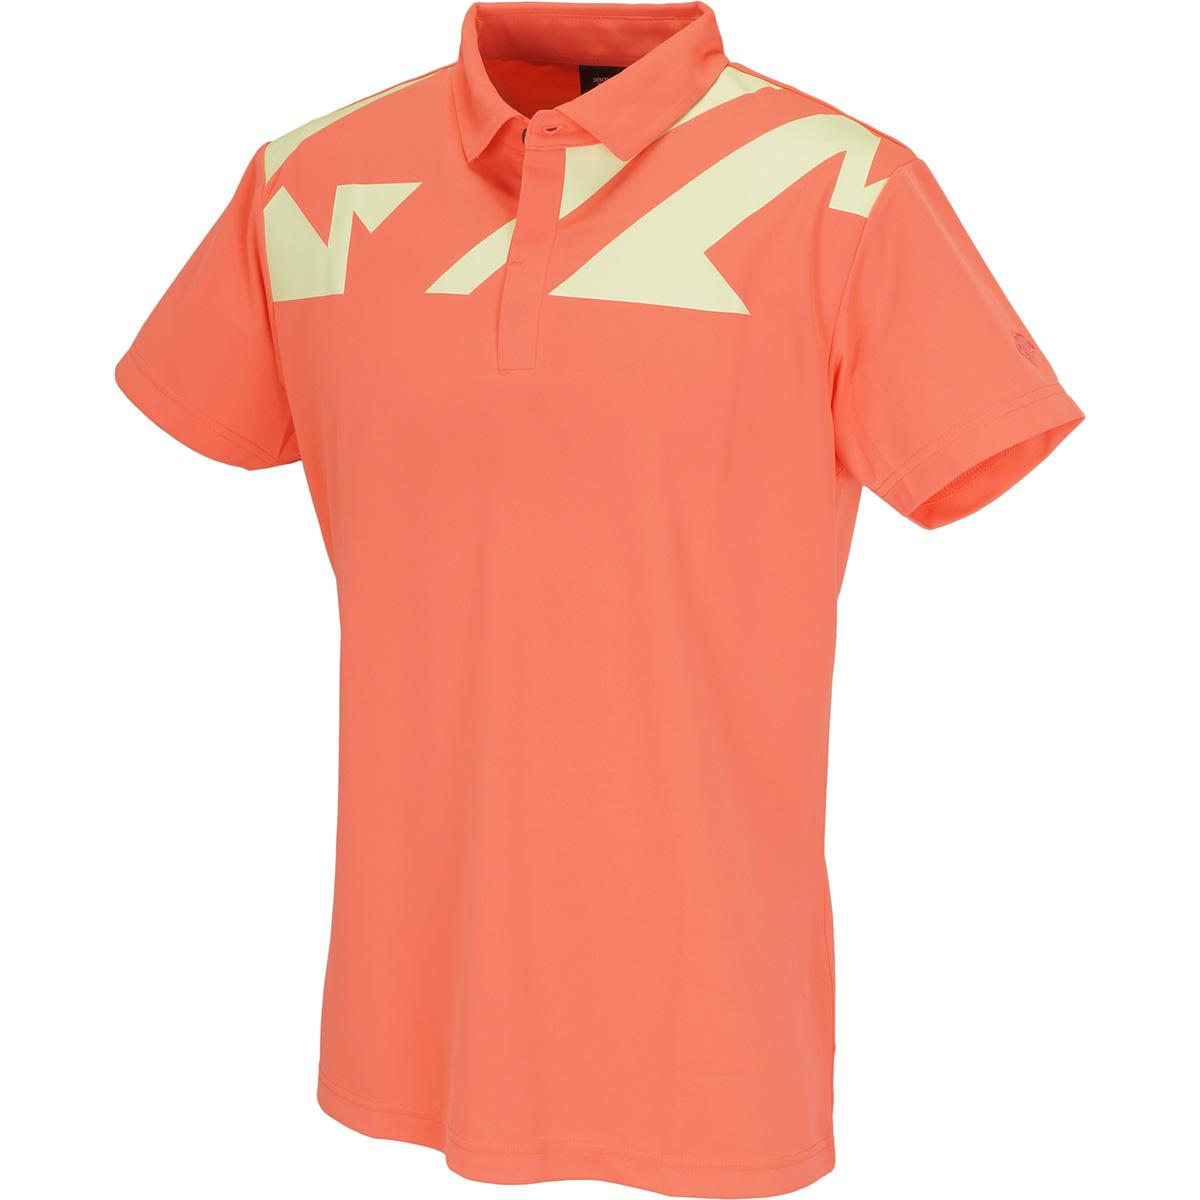 切り子プリント 半袖ポロシャツ